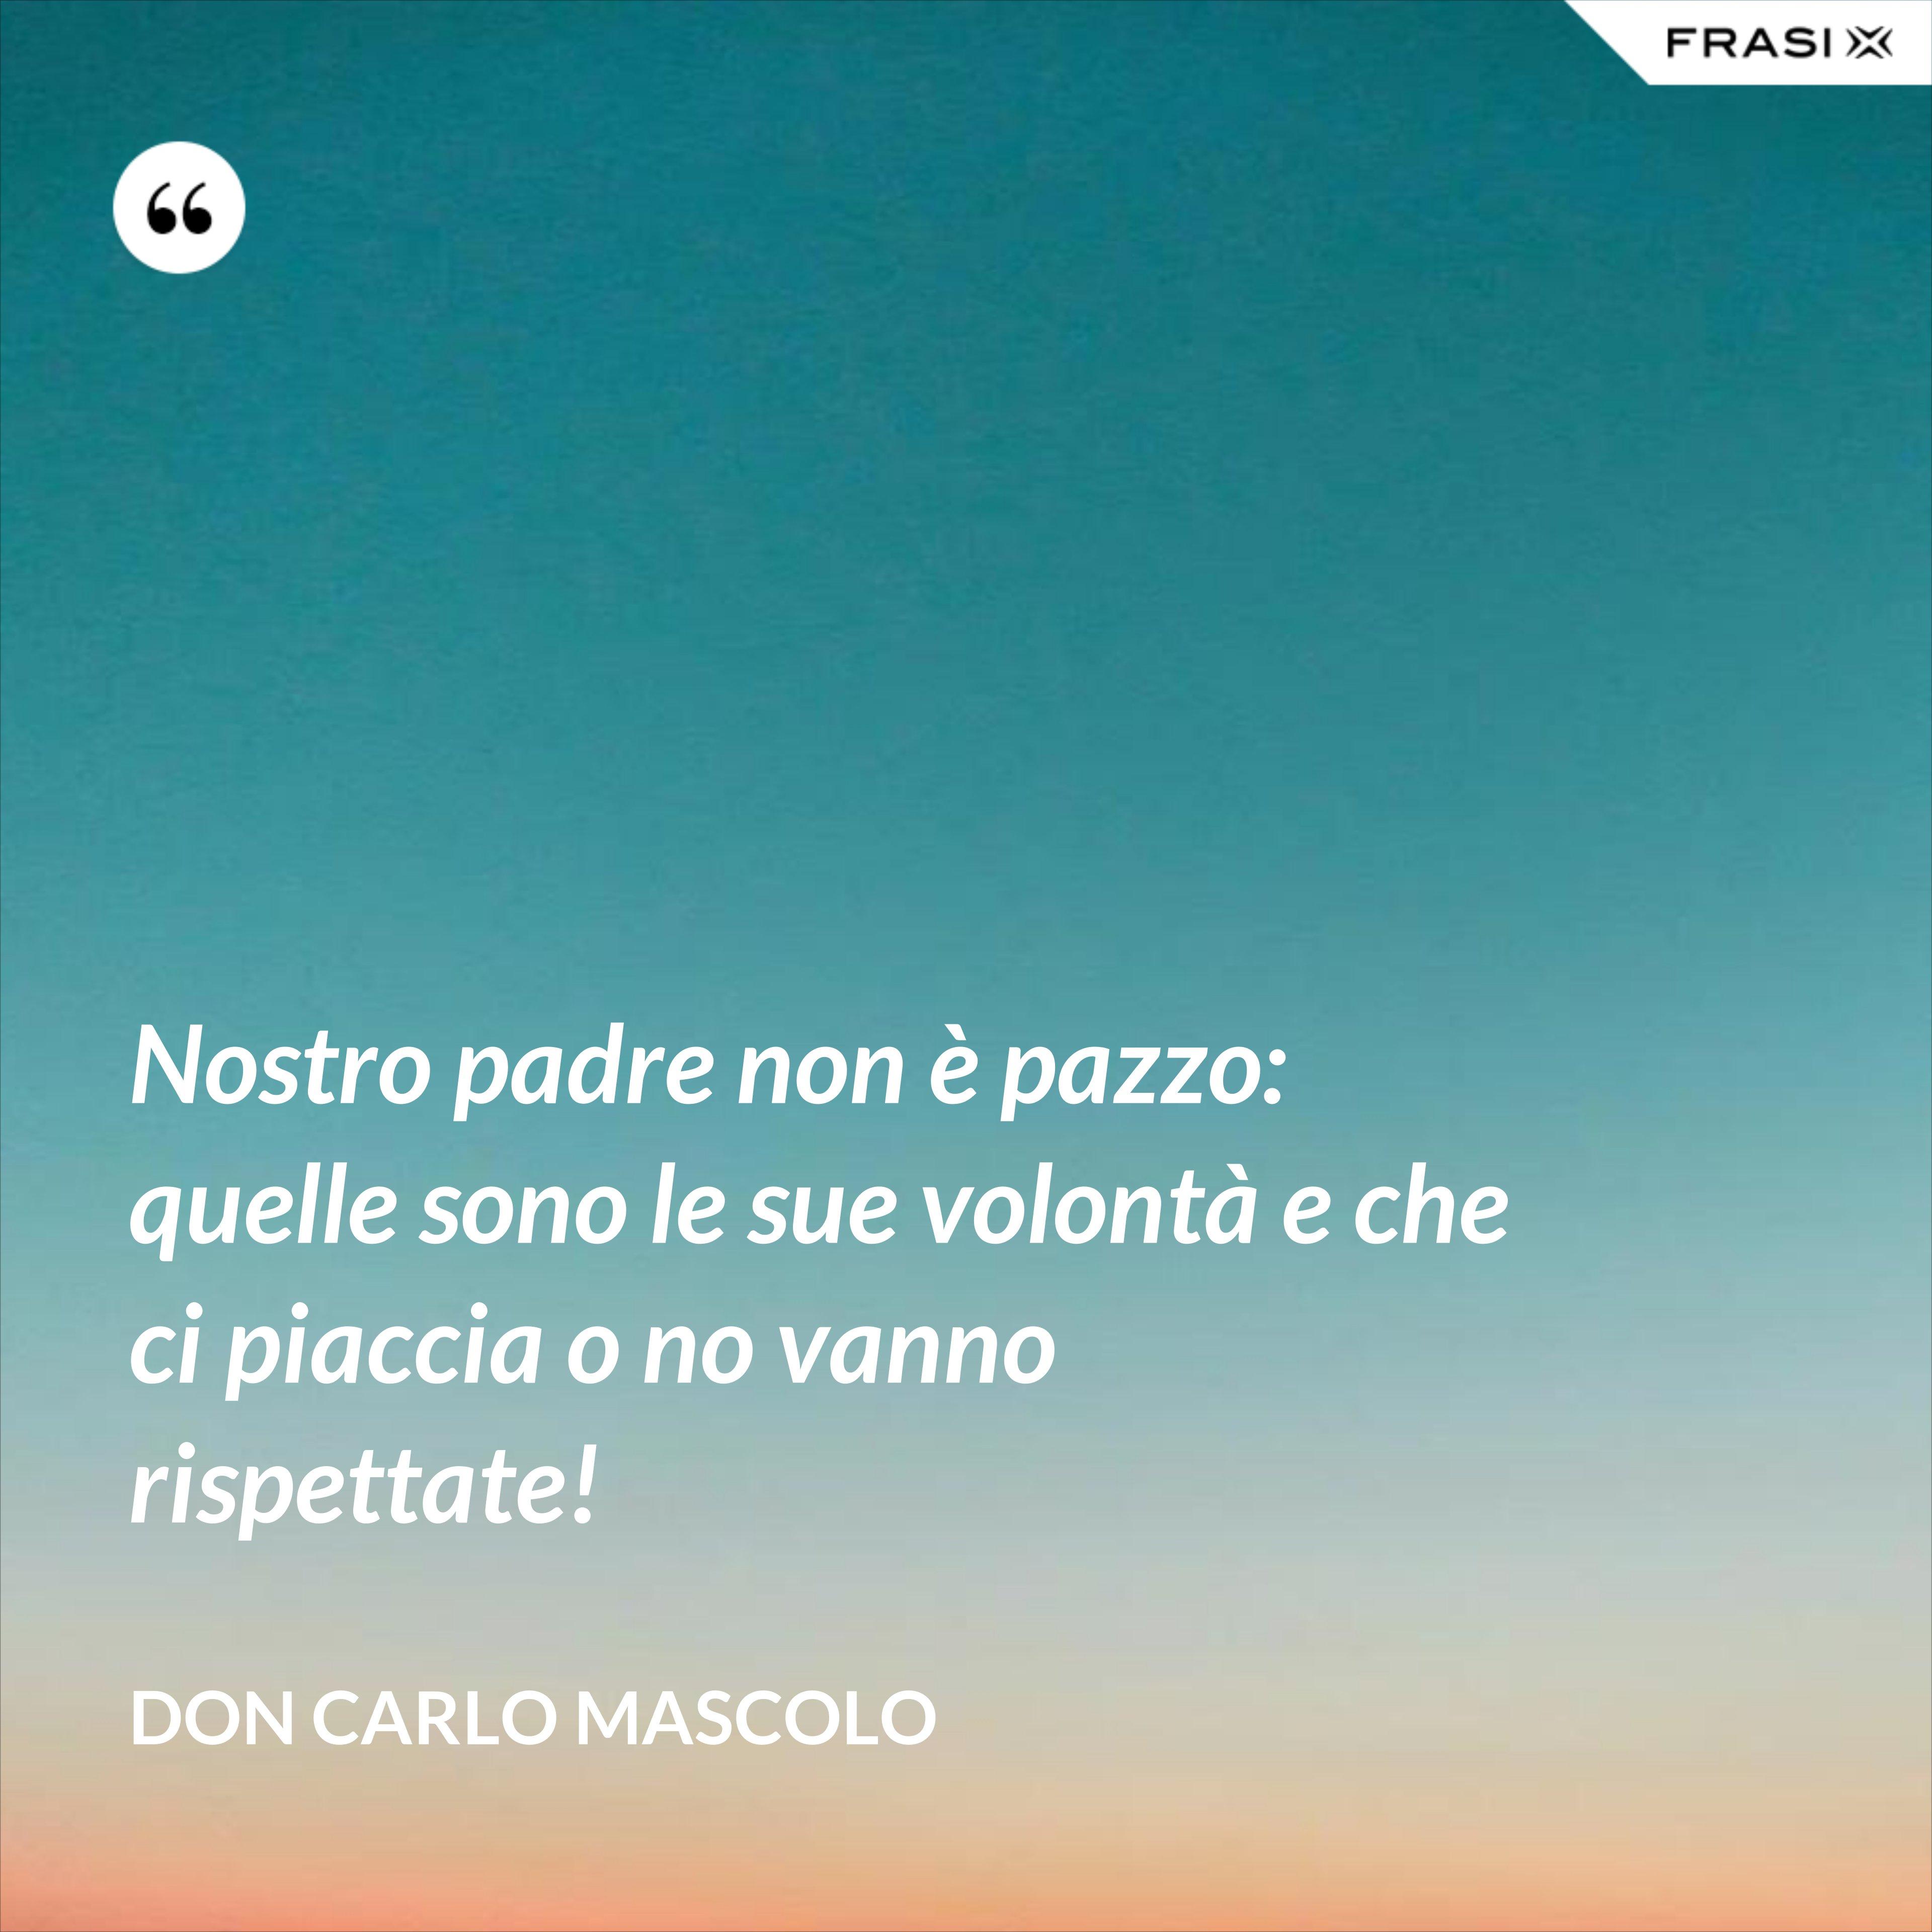 Nostro padre non è pazzo: quelle sono le sue volontà e che ci piaccia o no vanno rispettate! - Don Carlo Mascolo